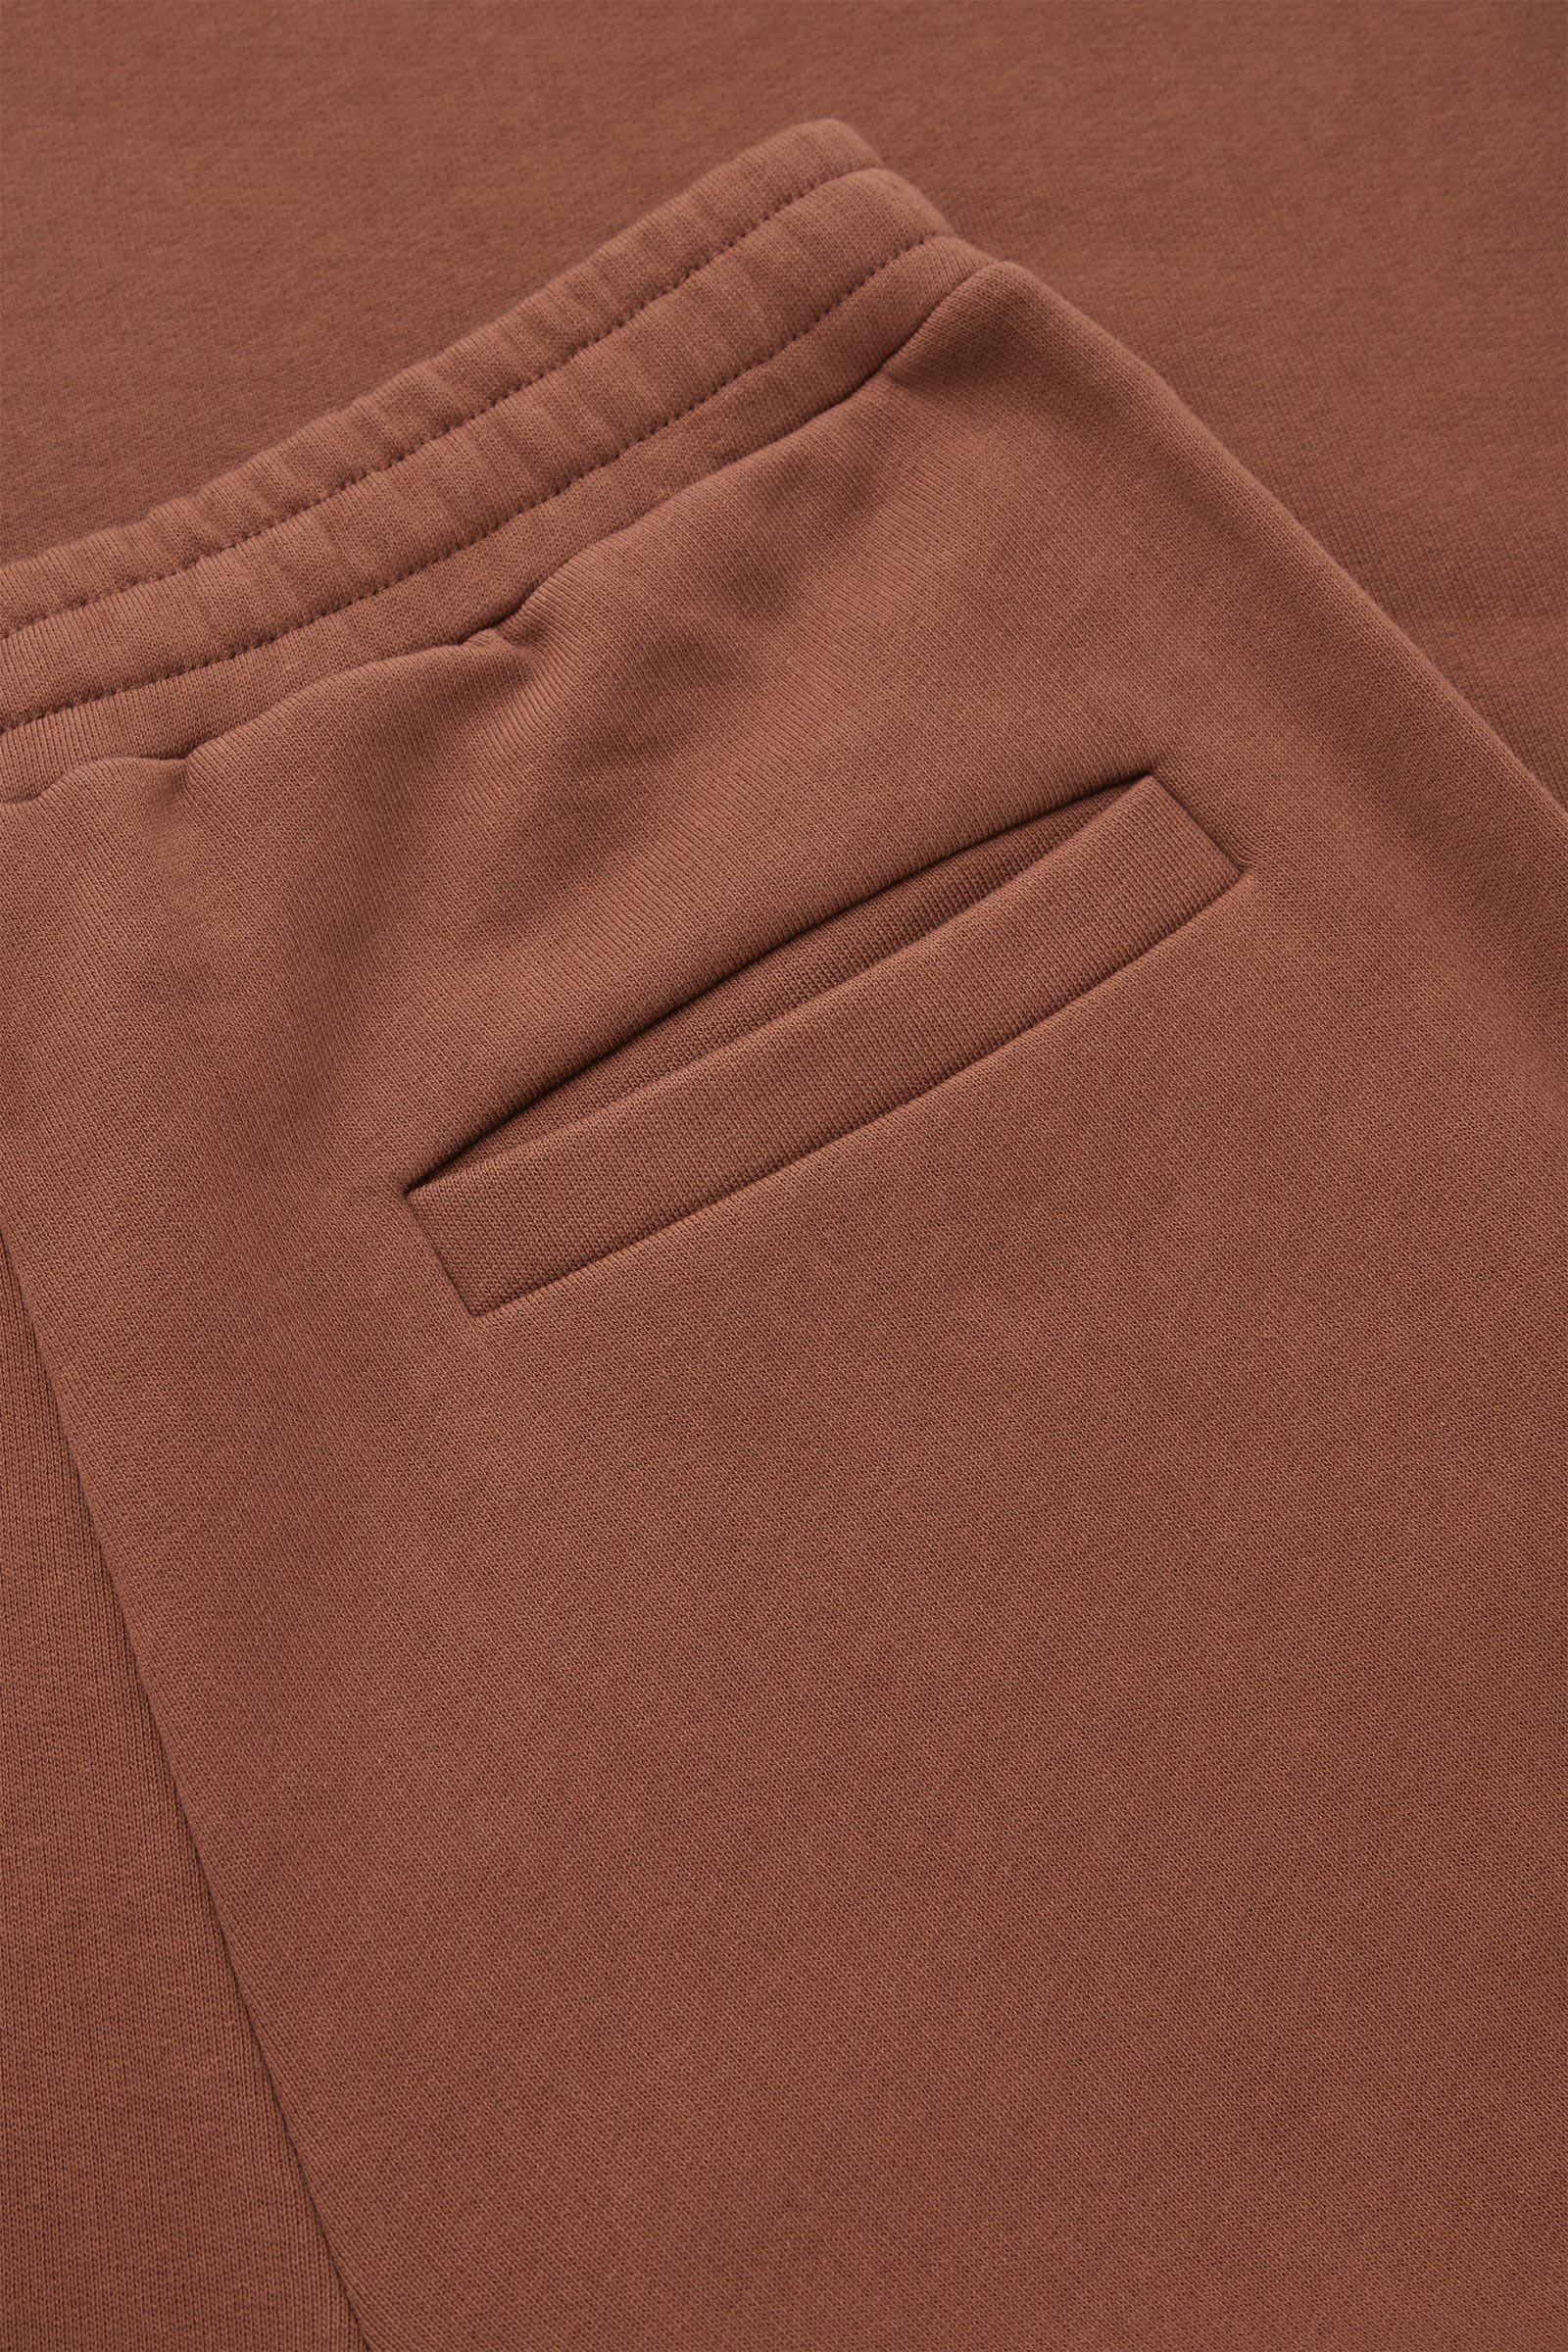 COS 레귤러 핏 와이드 레그 조거의 번트 오렌지컬러 Detail입니다.